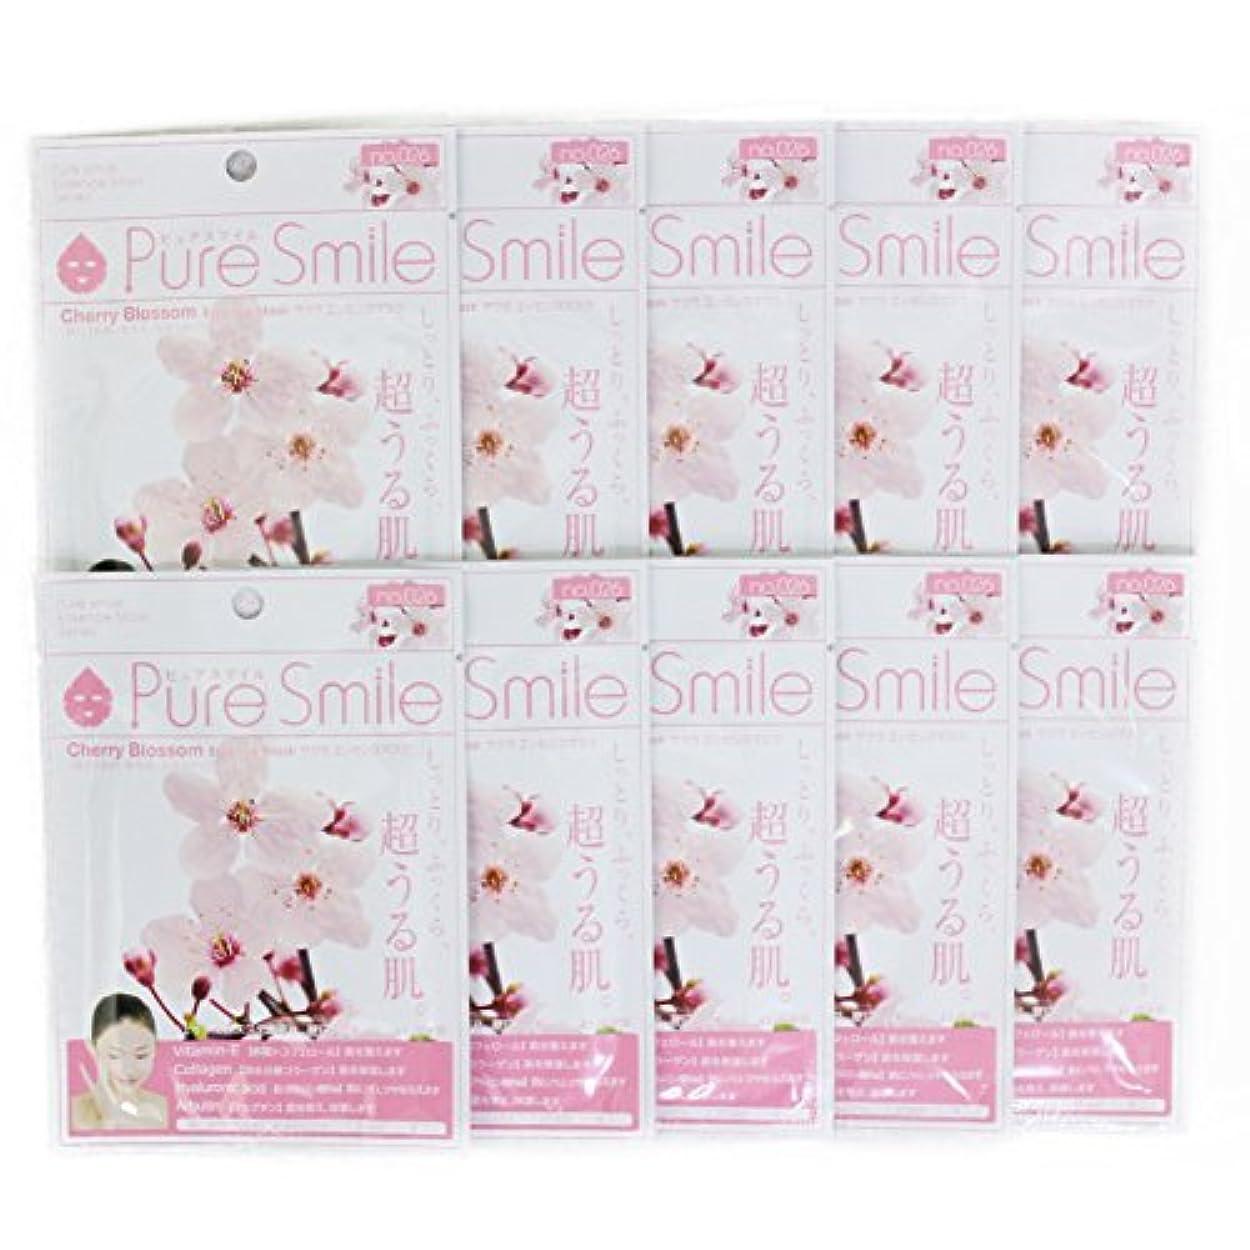 スモッグ執着厳密にPure Smile ピュアスマイル エッセンスマスク サクラ 10枚セット